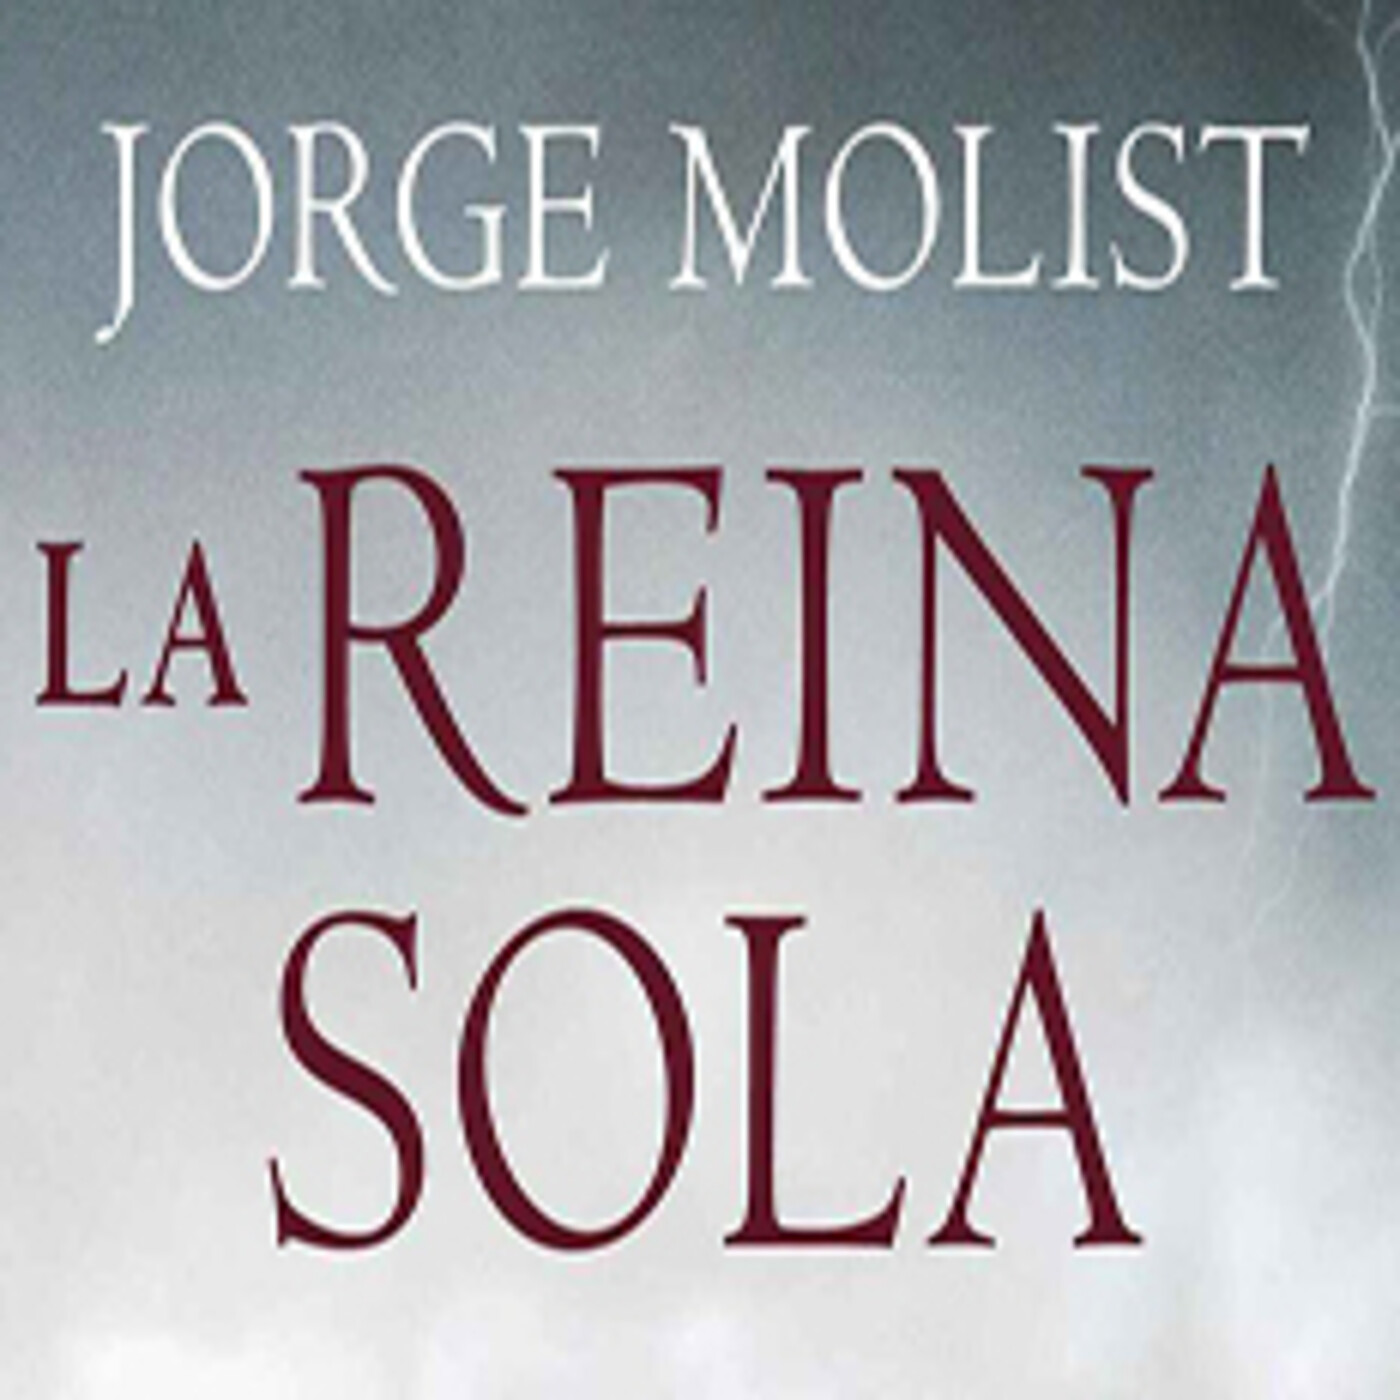 Entrevista a Jorge Molist - La reina sola